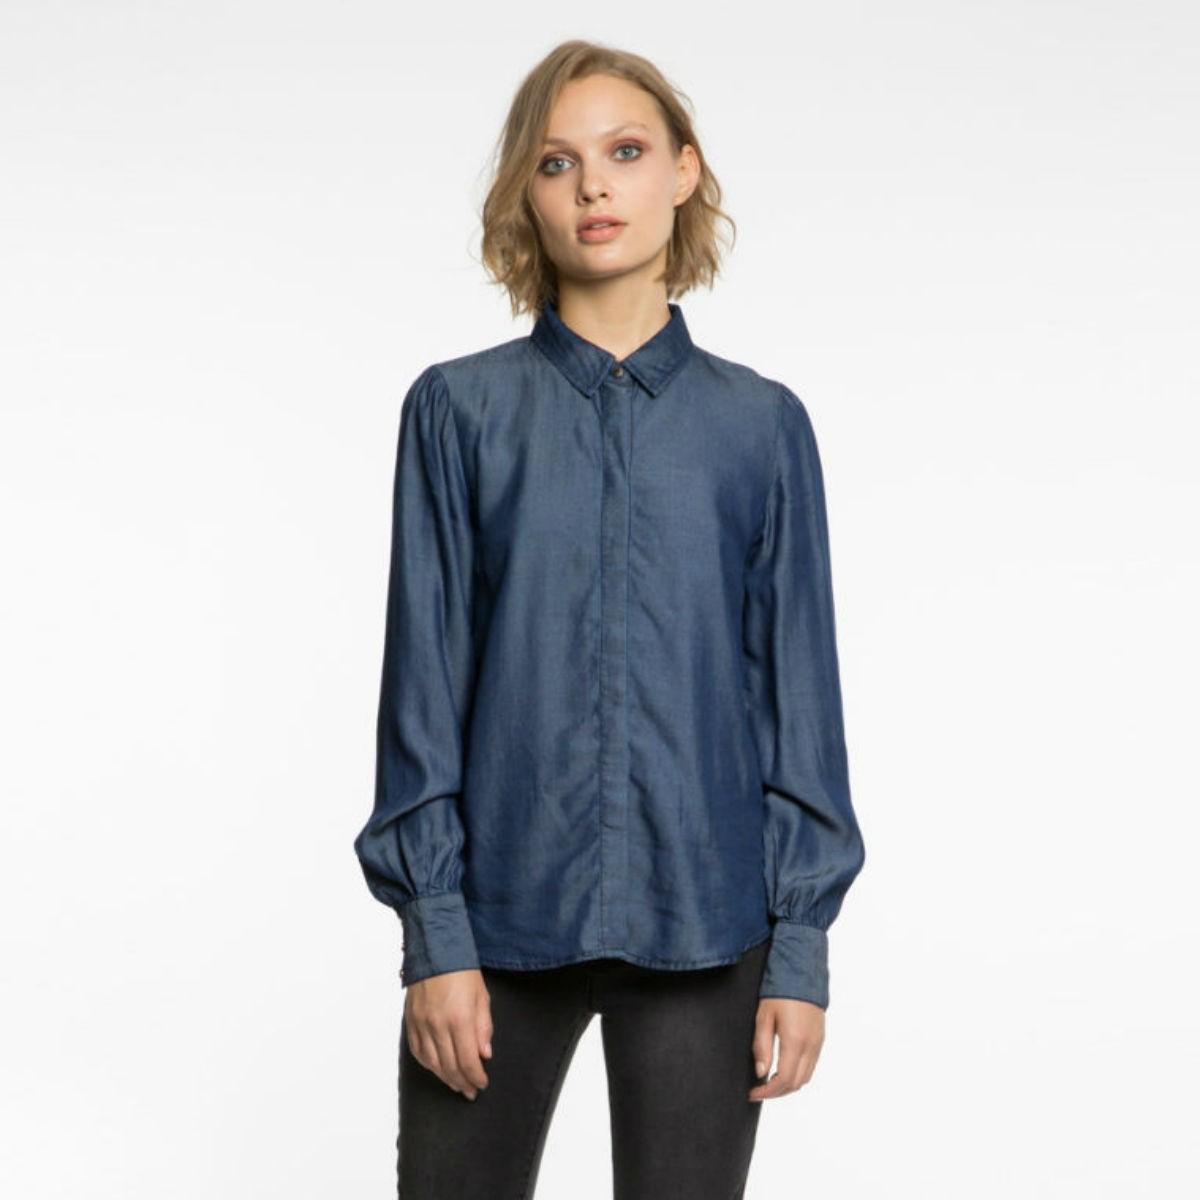 Tmave modrá džínová košile - Vialena - XS